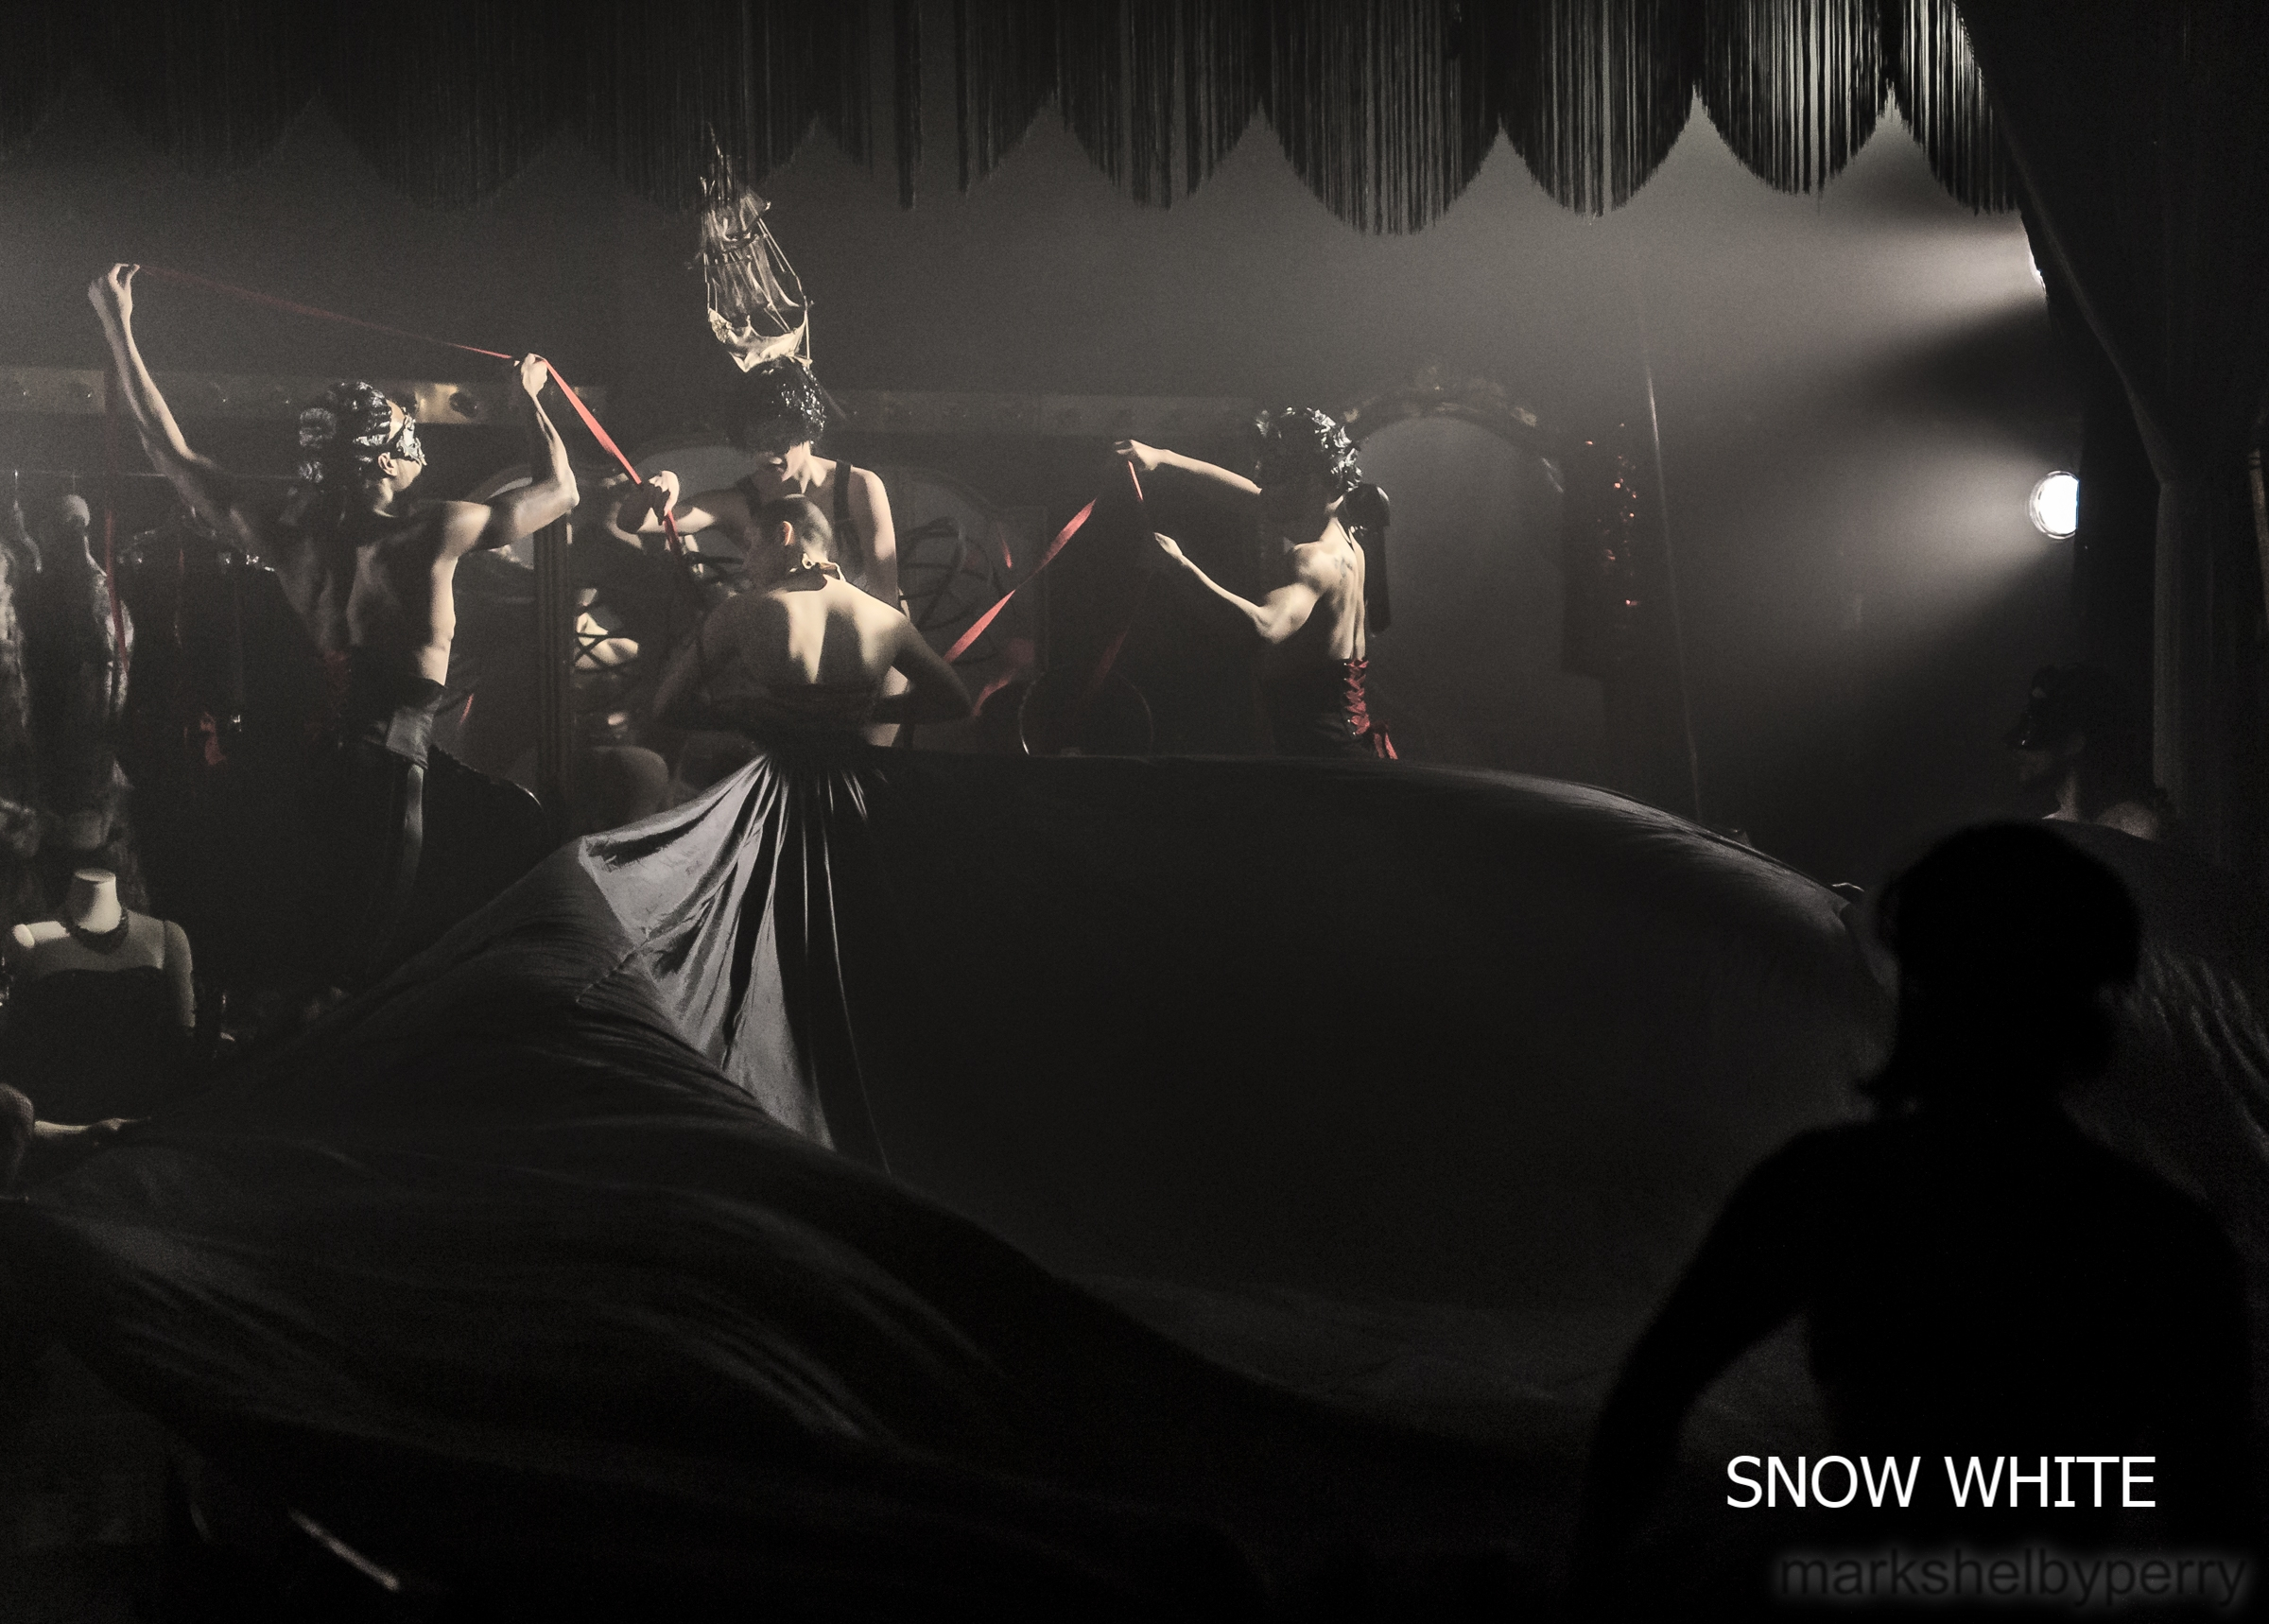 Snow White-6884 - Copy.jpg